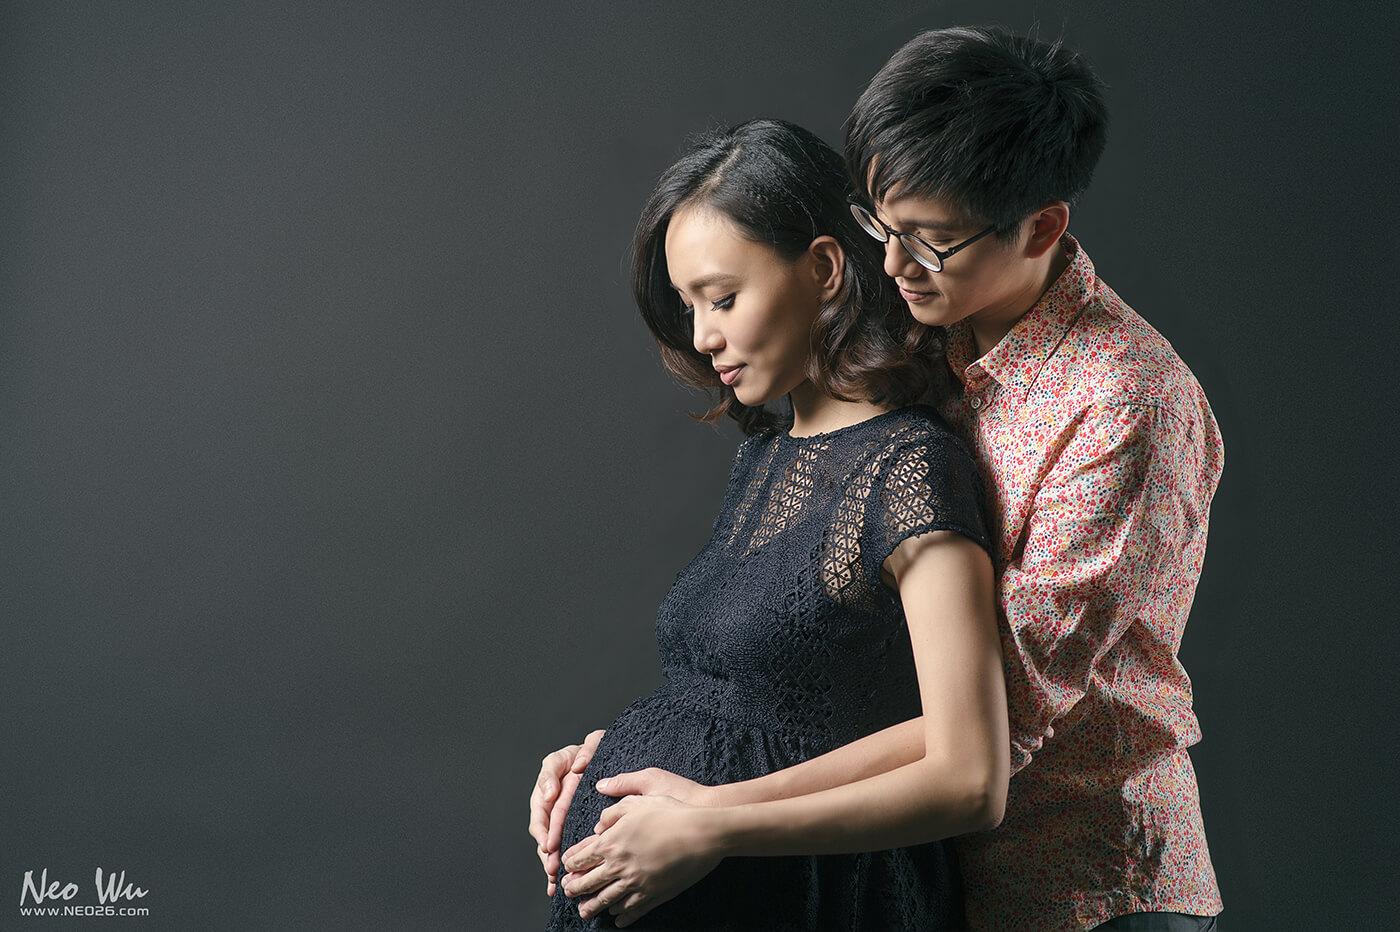 孕婦寫真,鯊魚影像工作室,婚攝Neo,Napture,Pregnant,孕婦寫真推薦